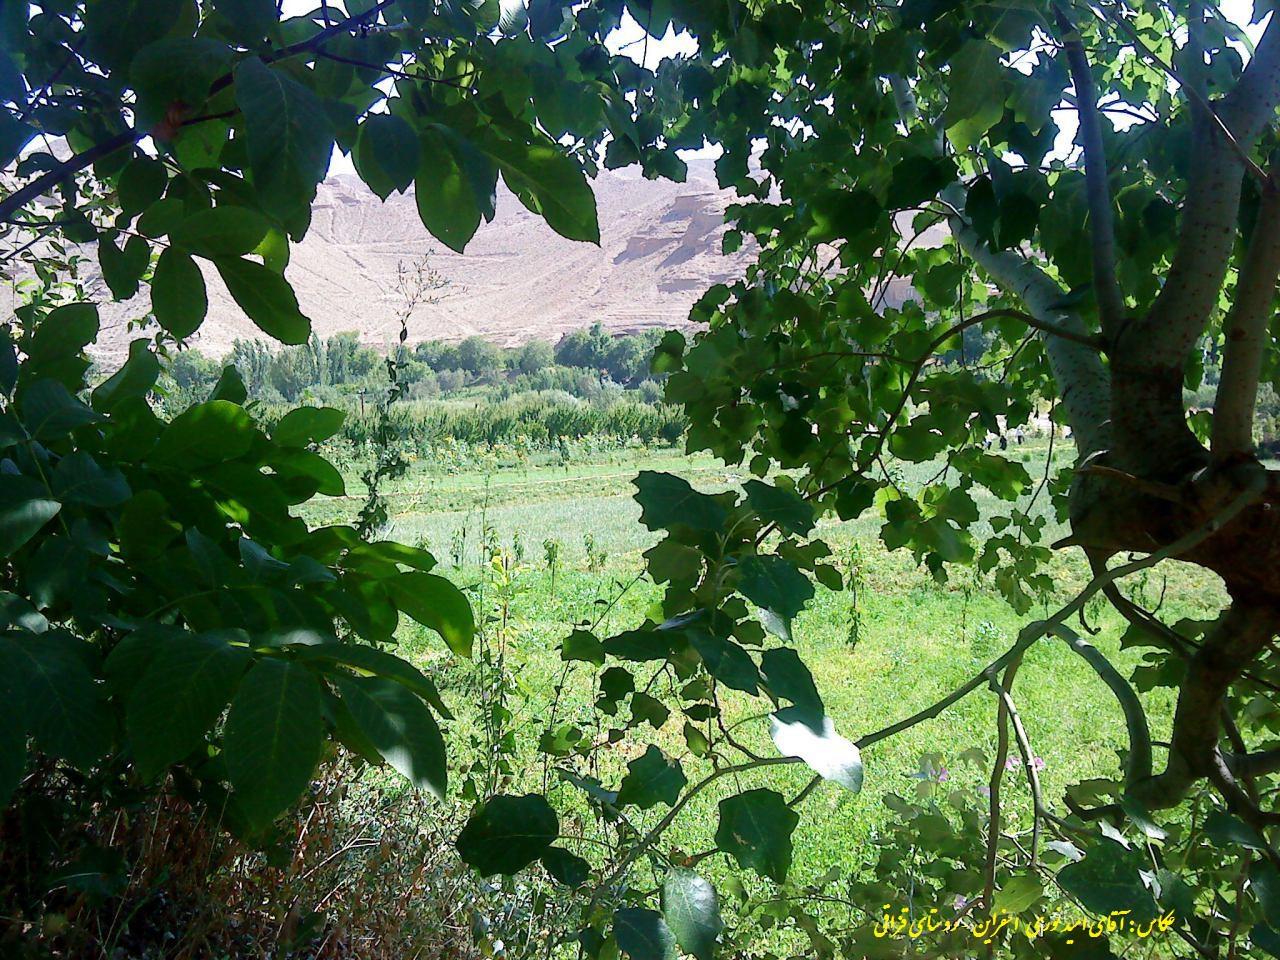 عکس های آقای امید نوری /اسفراین - روستای قزاقی